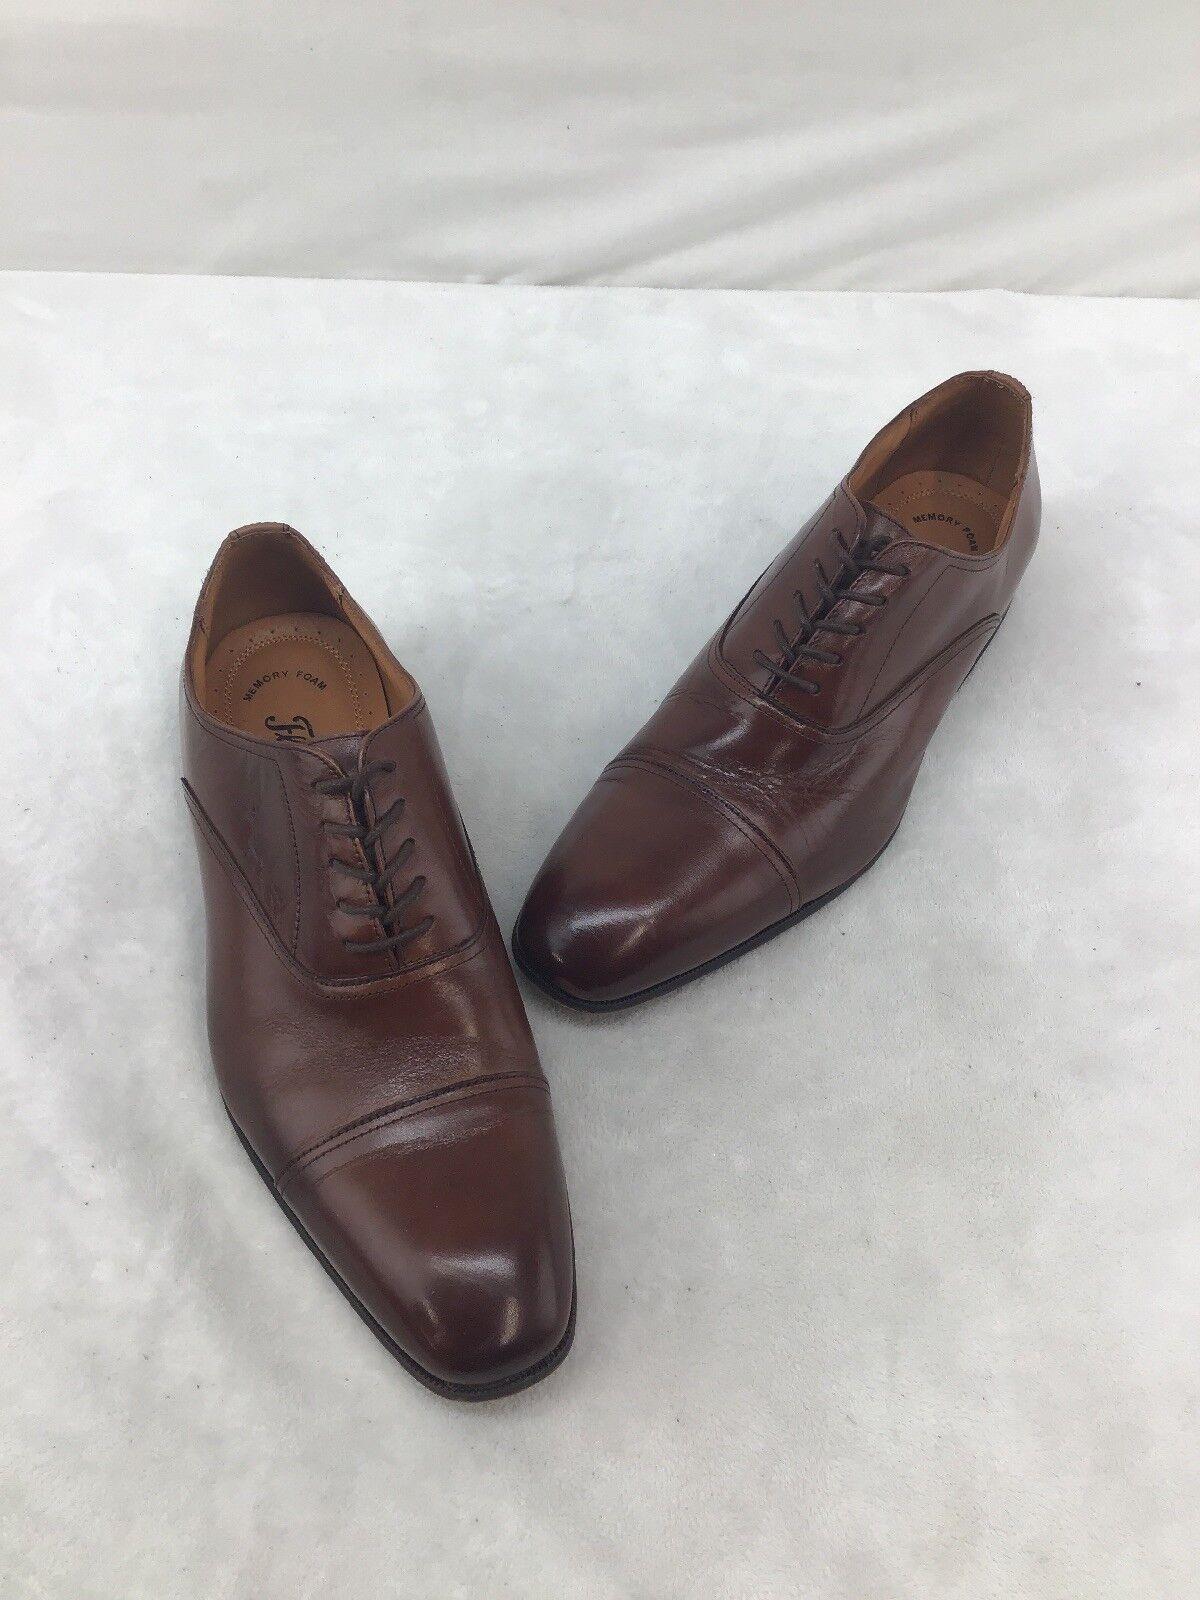 Florsheim Mens Brown Leather Oxfords Size 9.5D  F6692 DE